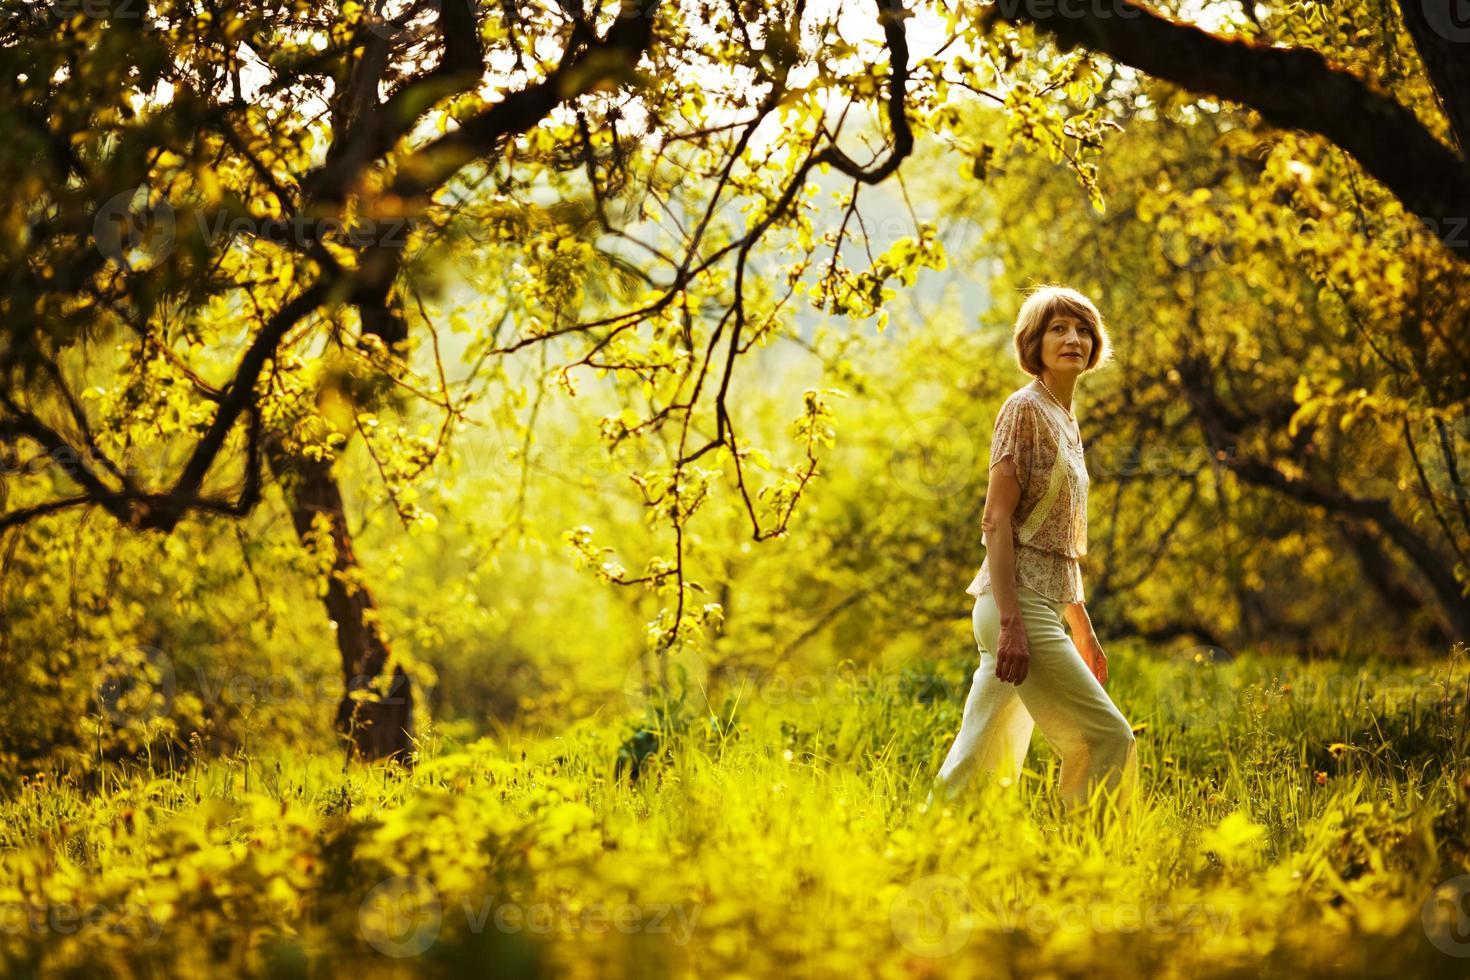 mujer caminando en el huerto de manzanas de verano foto